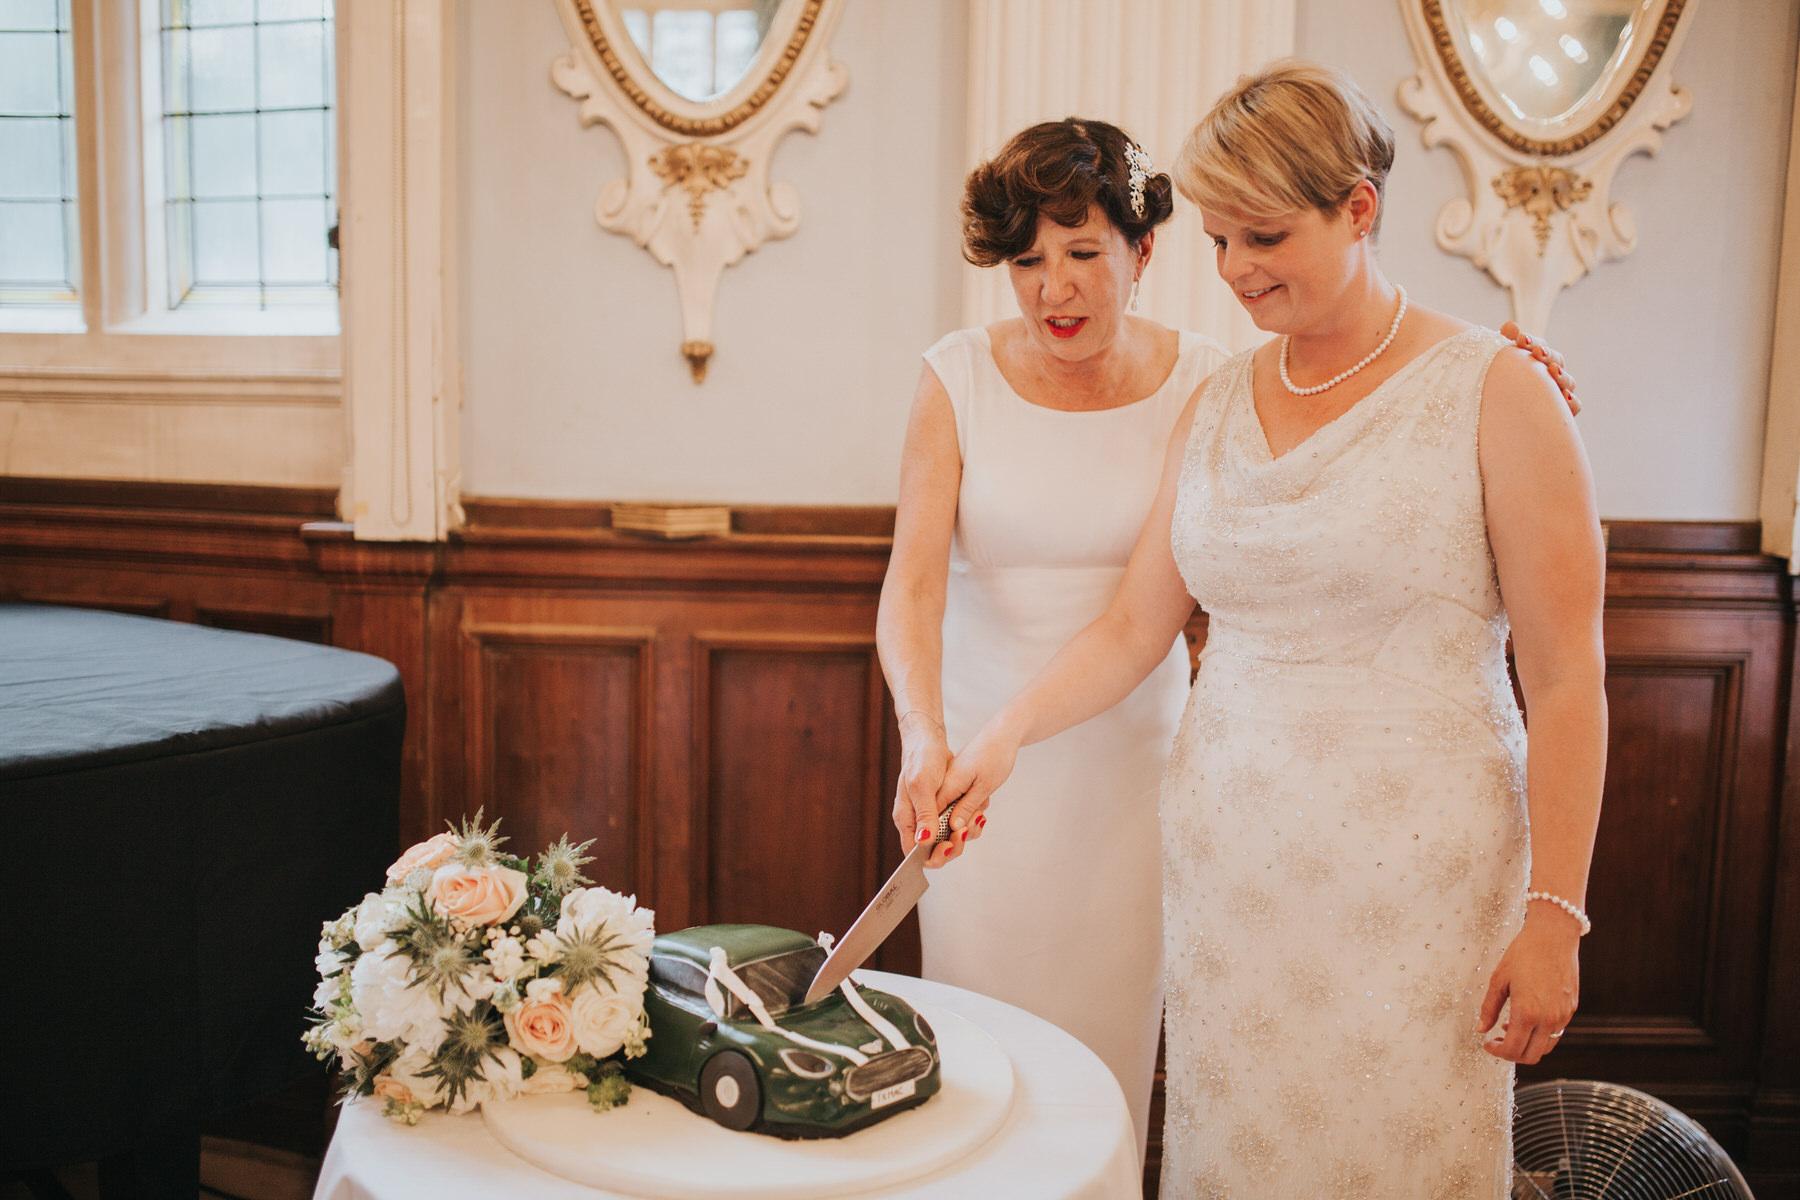 247 two brides cutting unusual green sports car cake.jpg